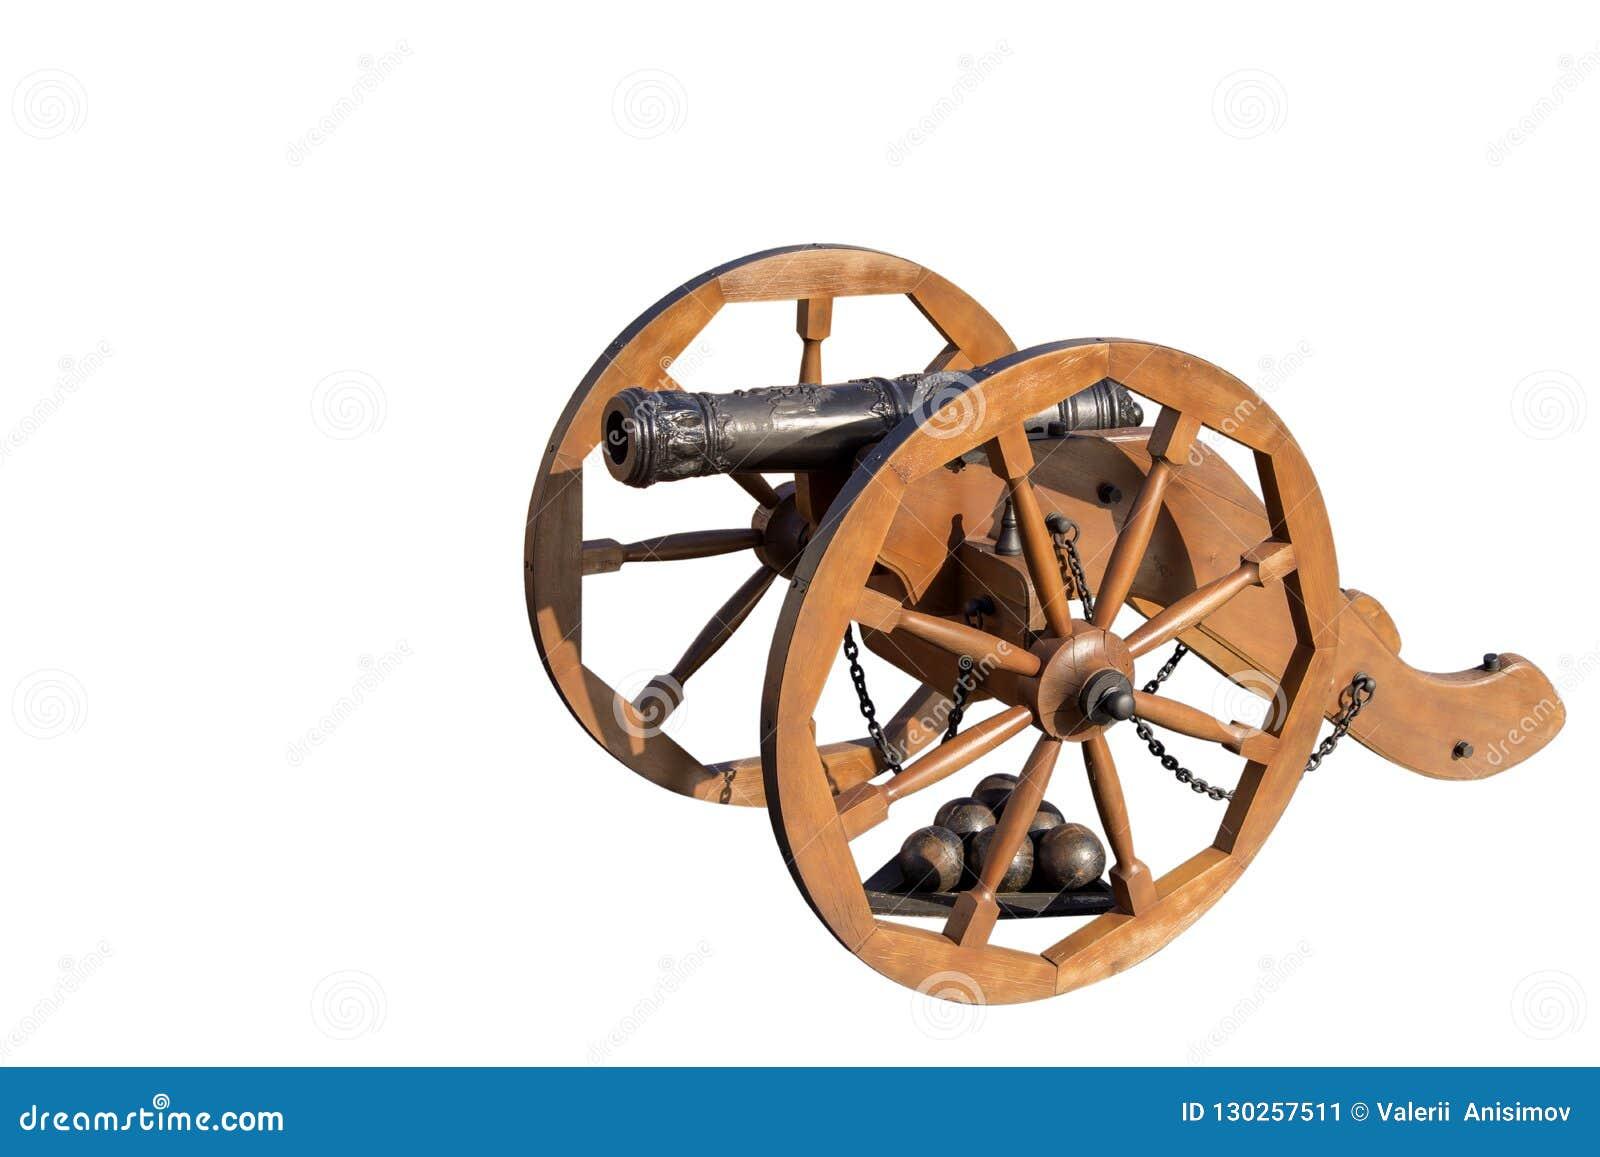 De lay-out van het oude kanon op een houten vervoer Onder de po Ka gestapelde ijzerkern isoleer